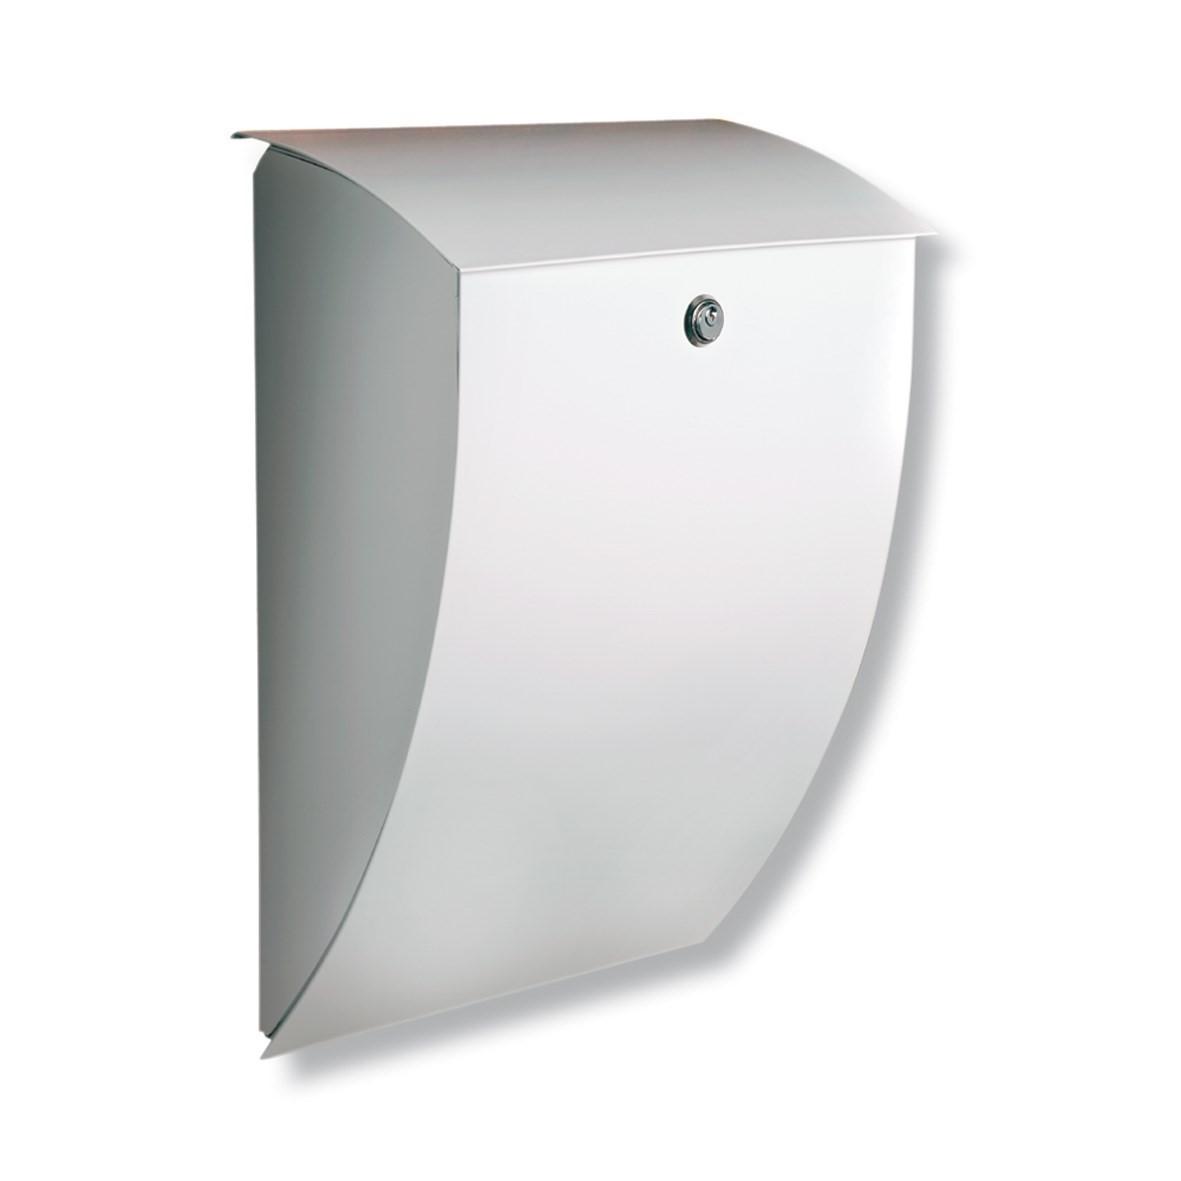 Briefkasten Aus Holz Und Verzinktem Metall ~   Burg Wächter Milano BURG WÄCHTER  Briefkasten aus verzinktem Stahl